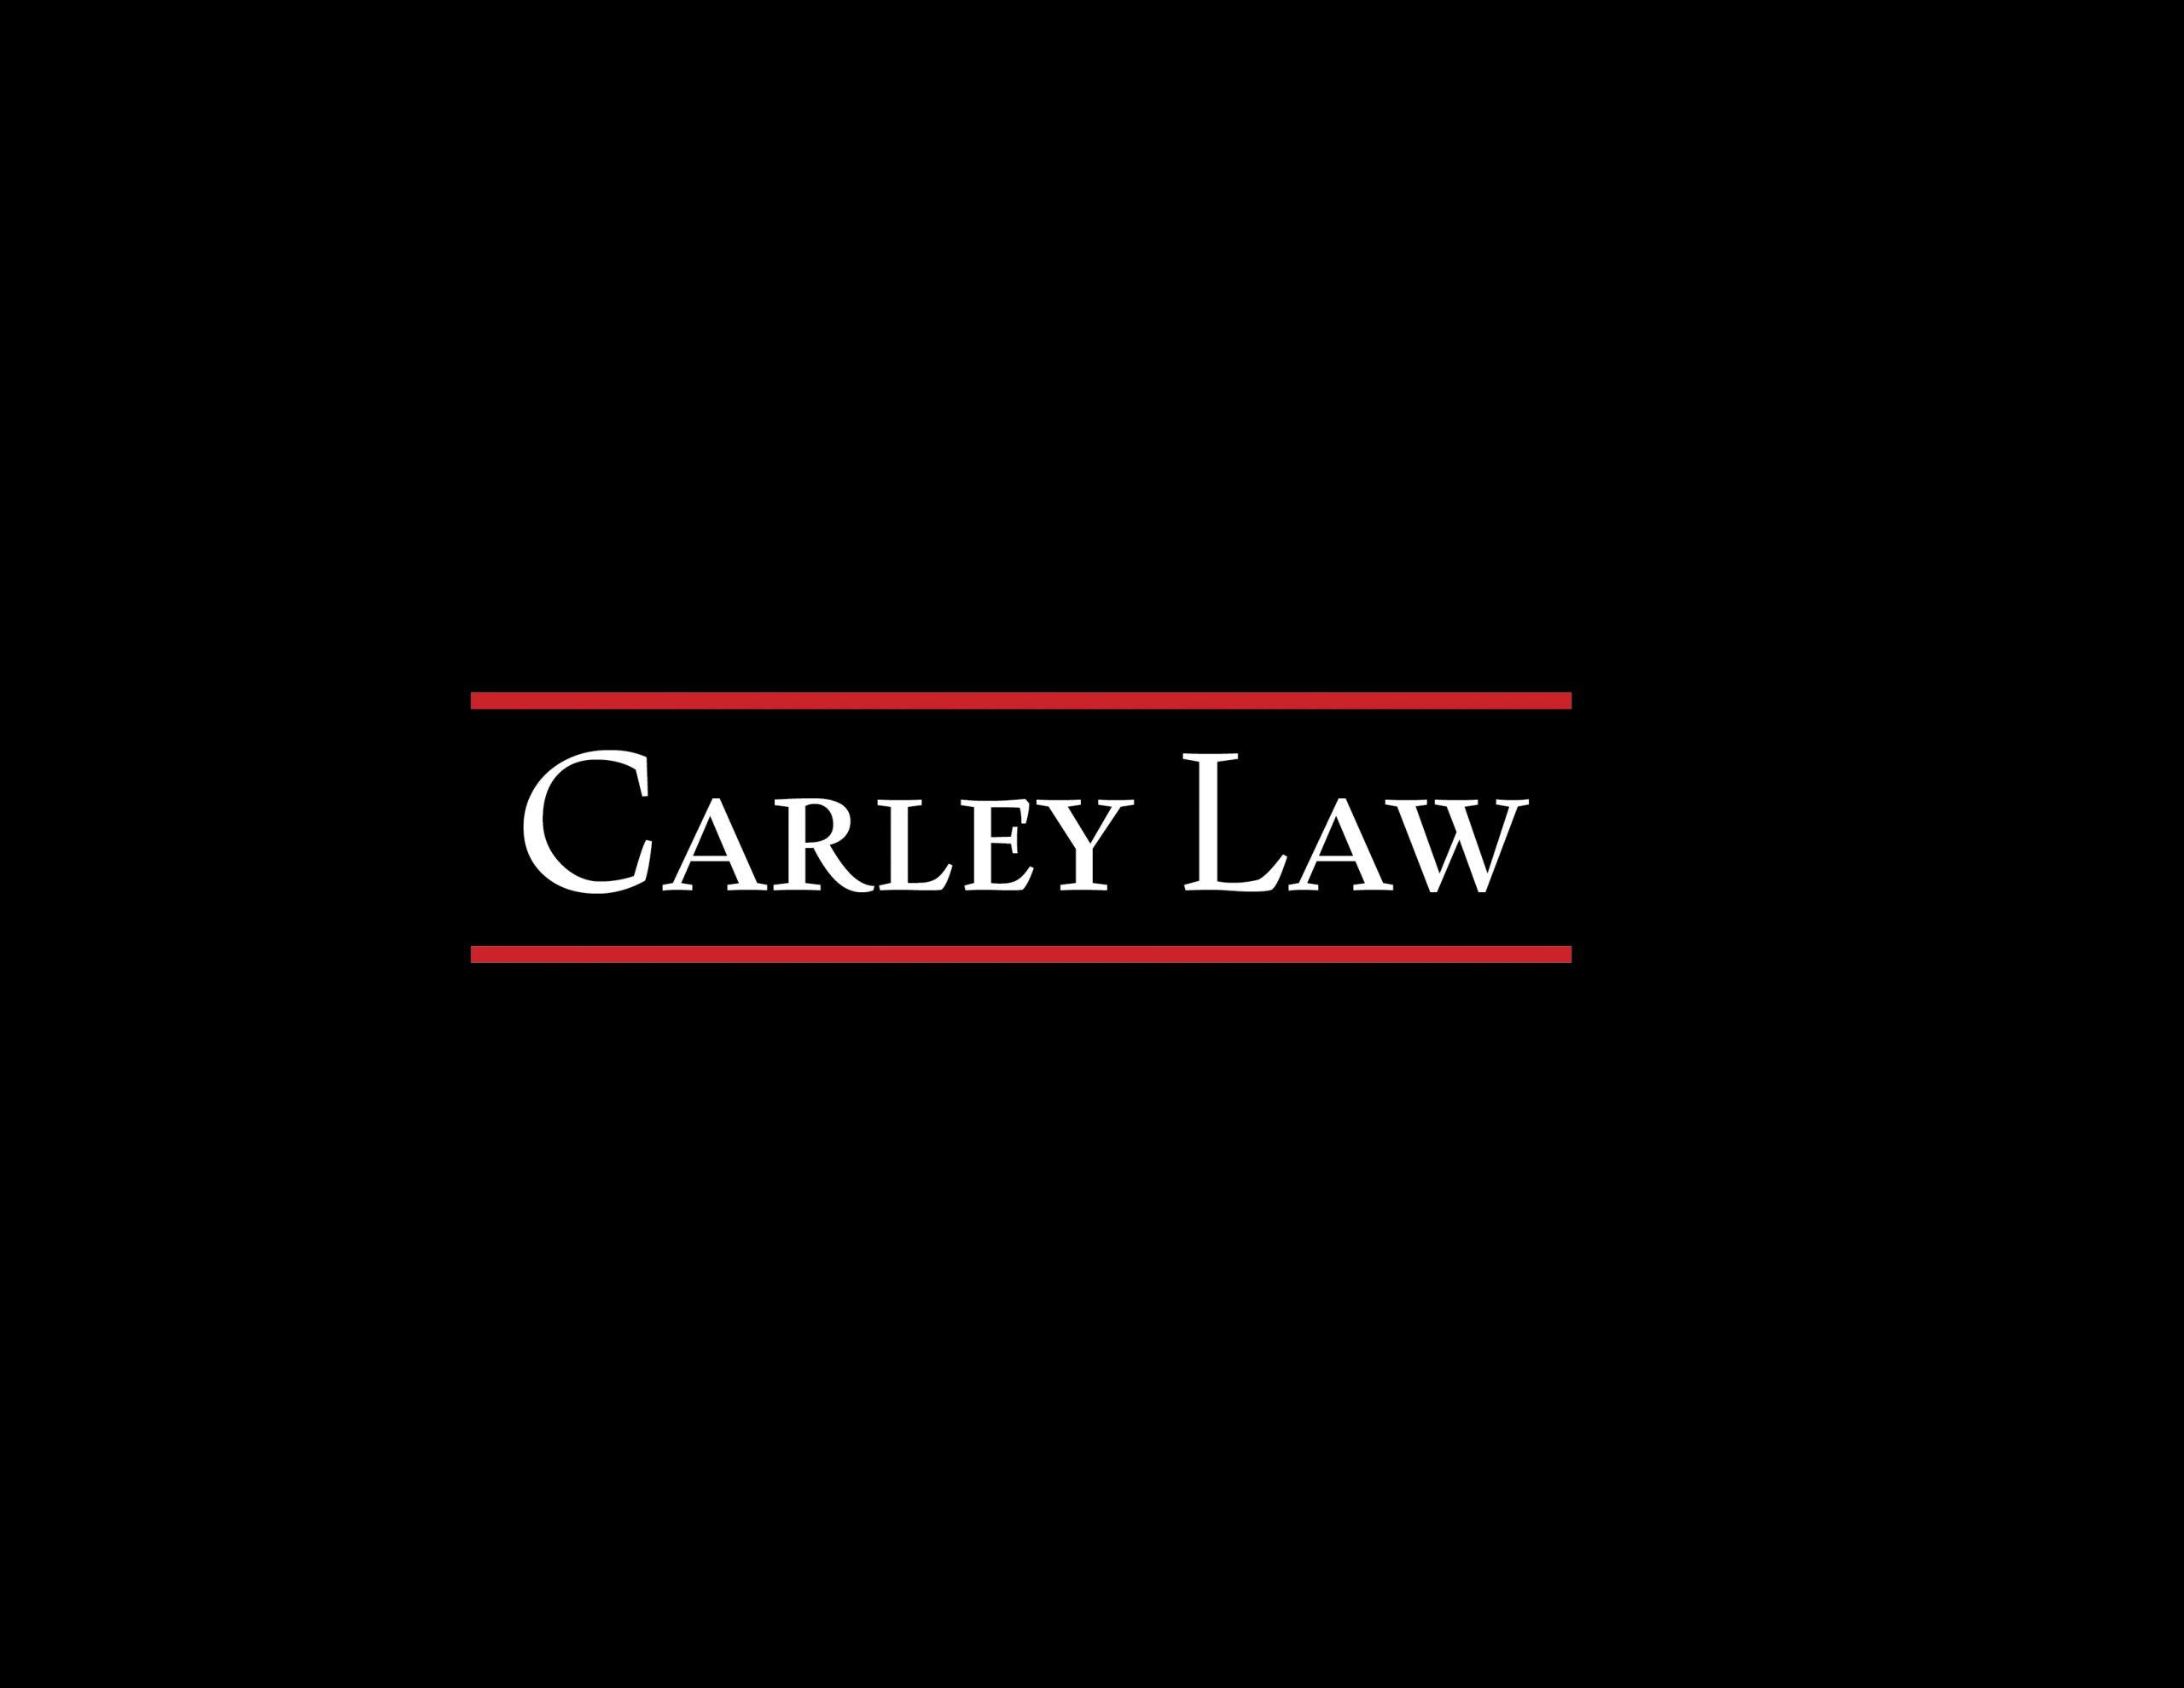 Carley Law